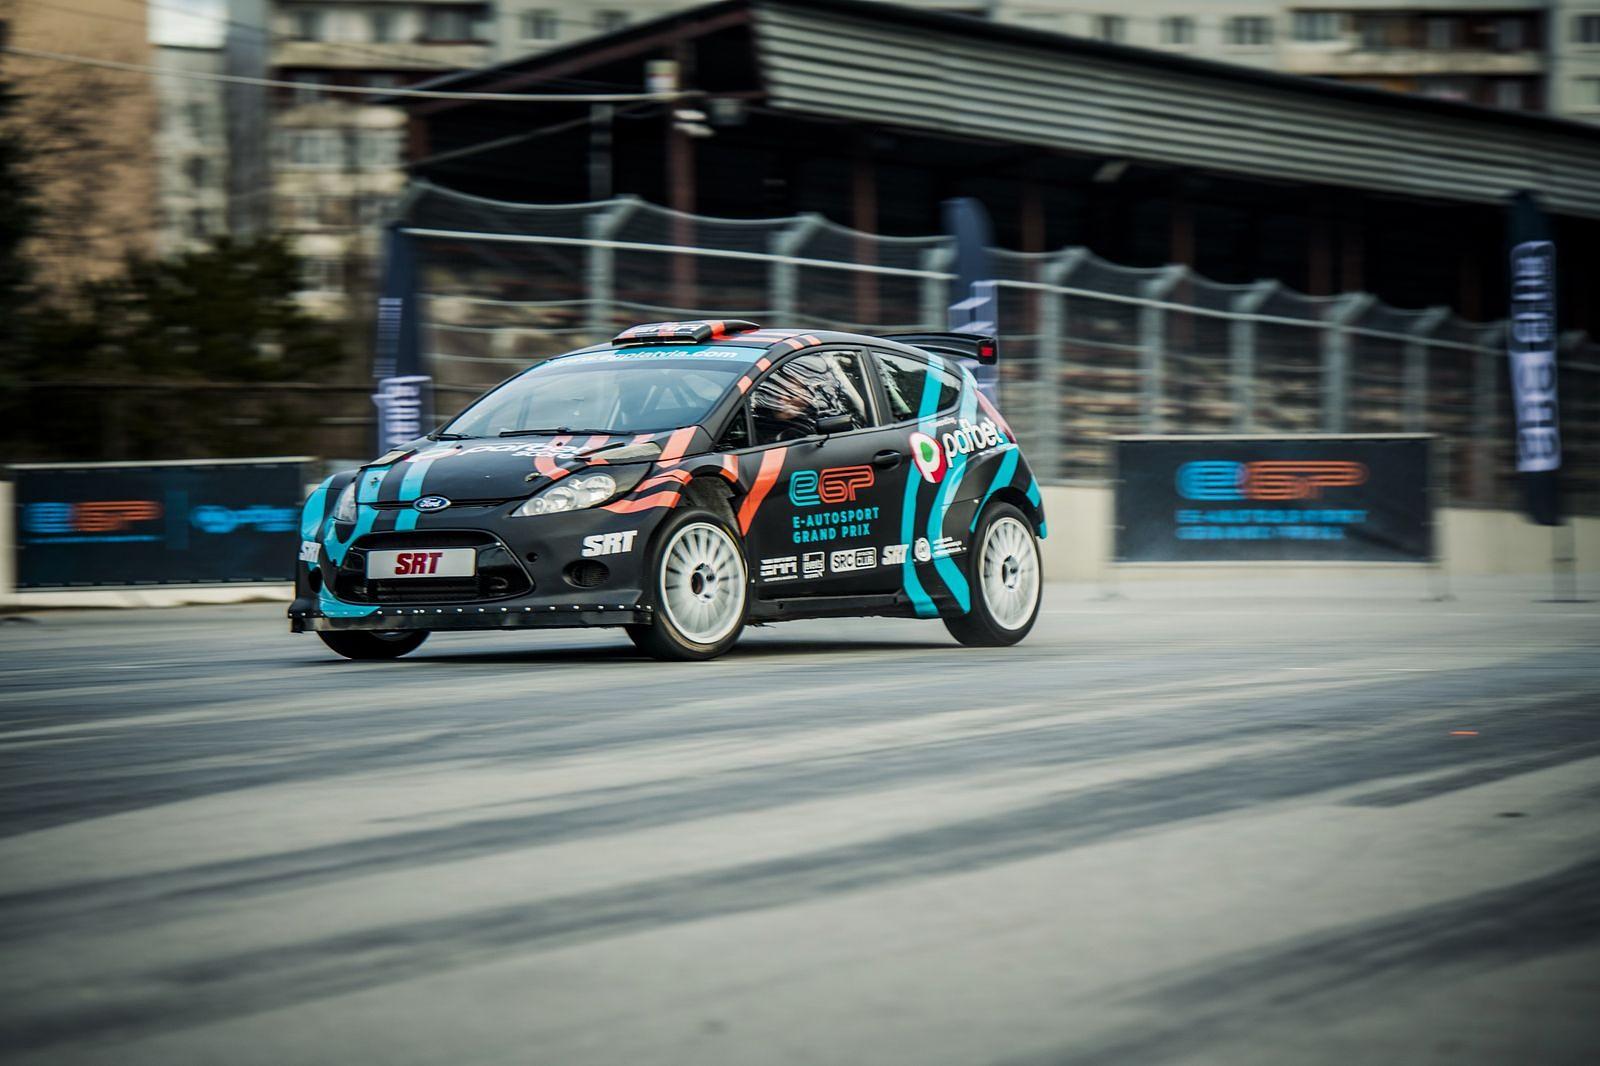 Liepājā notiks e-autosporta čempionāta atlases kārta